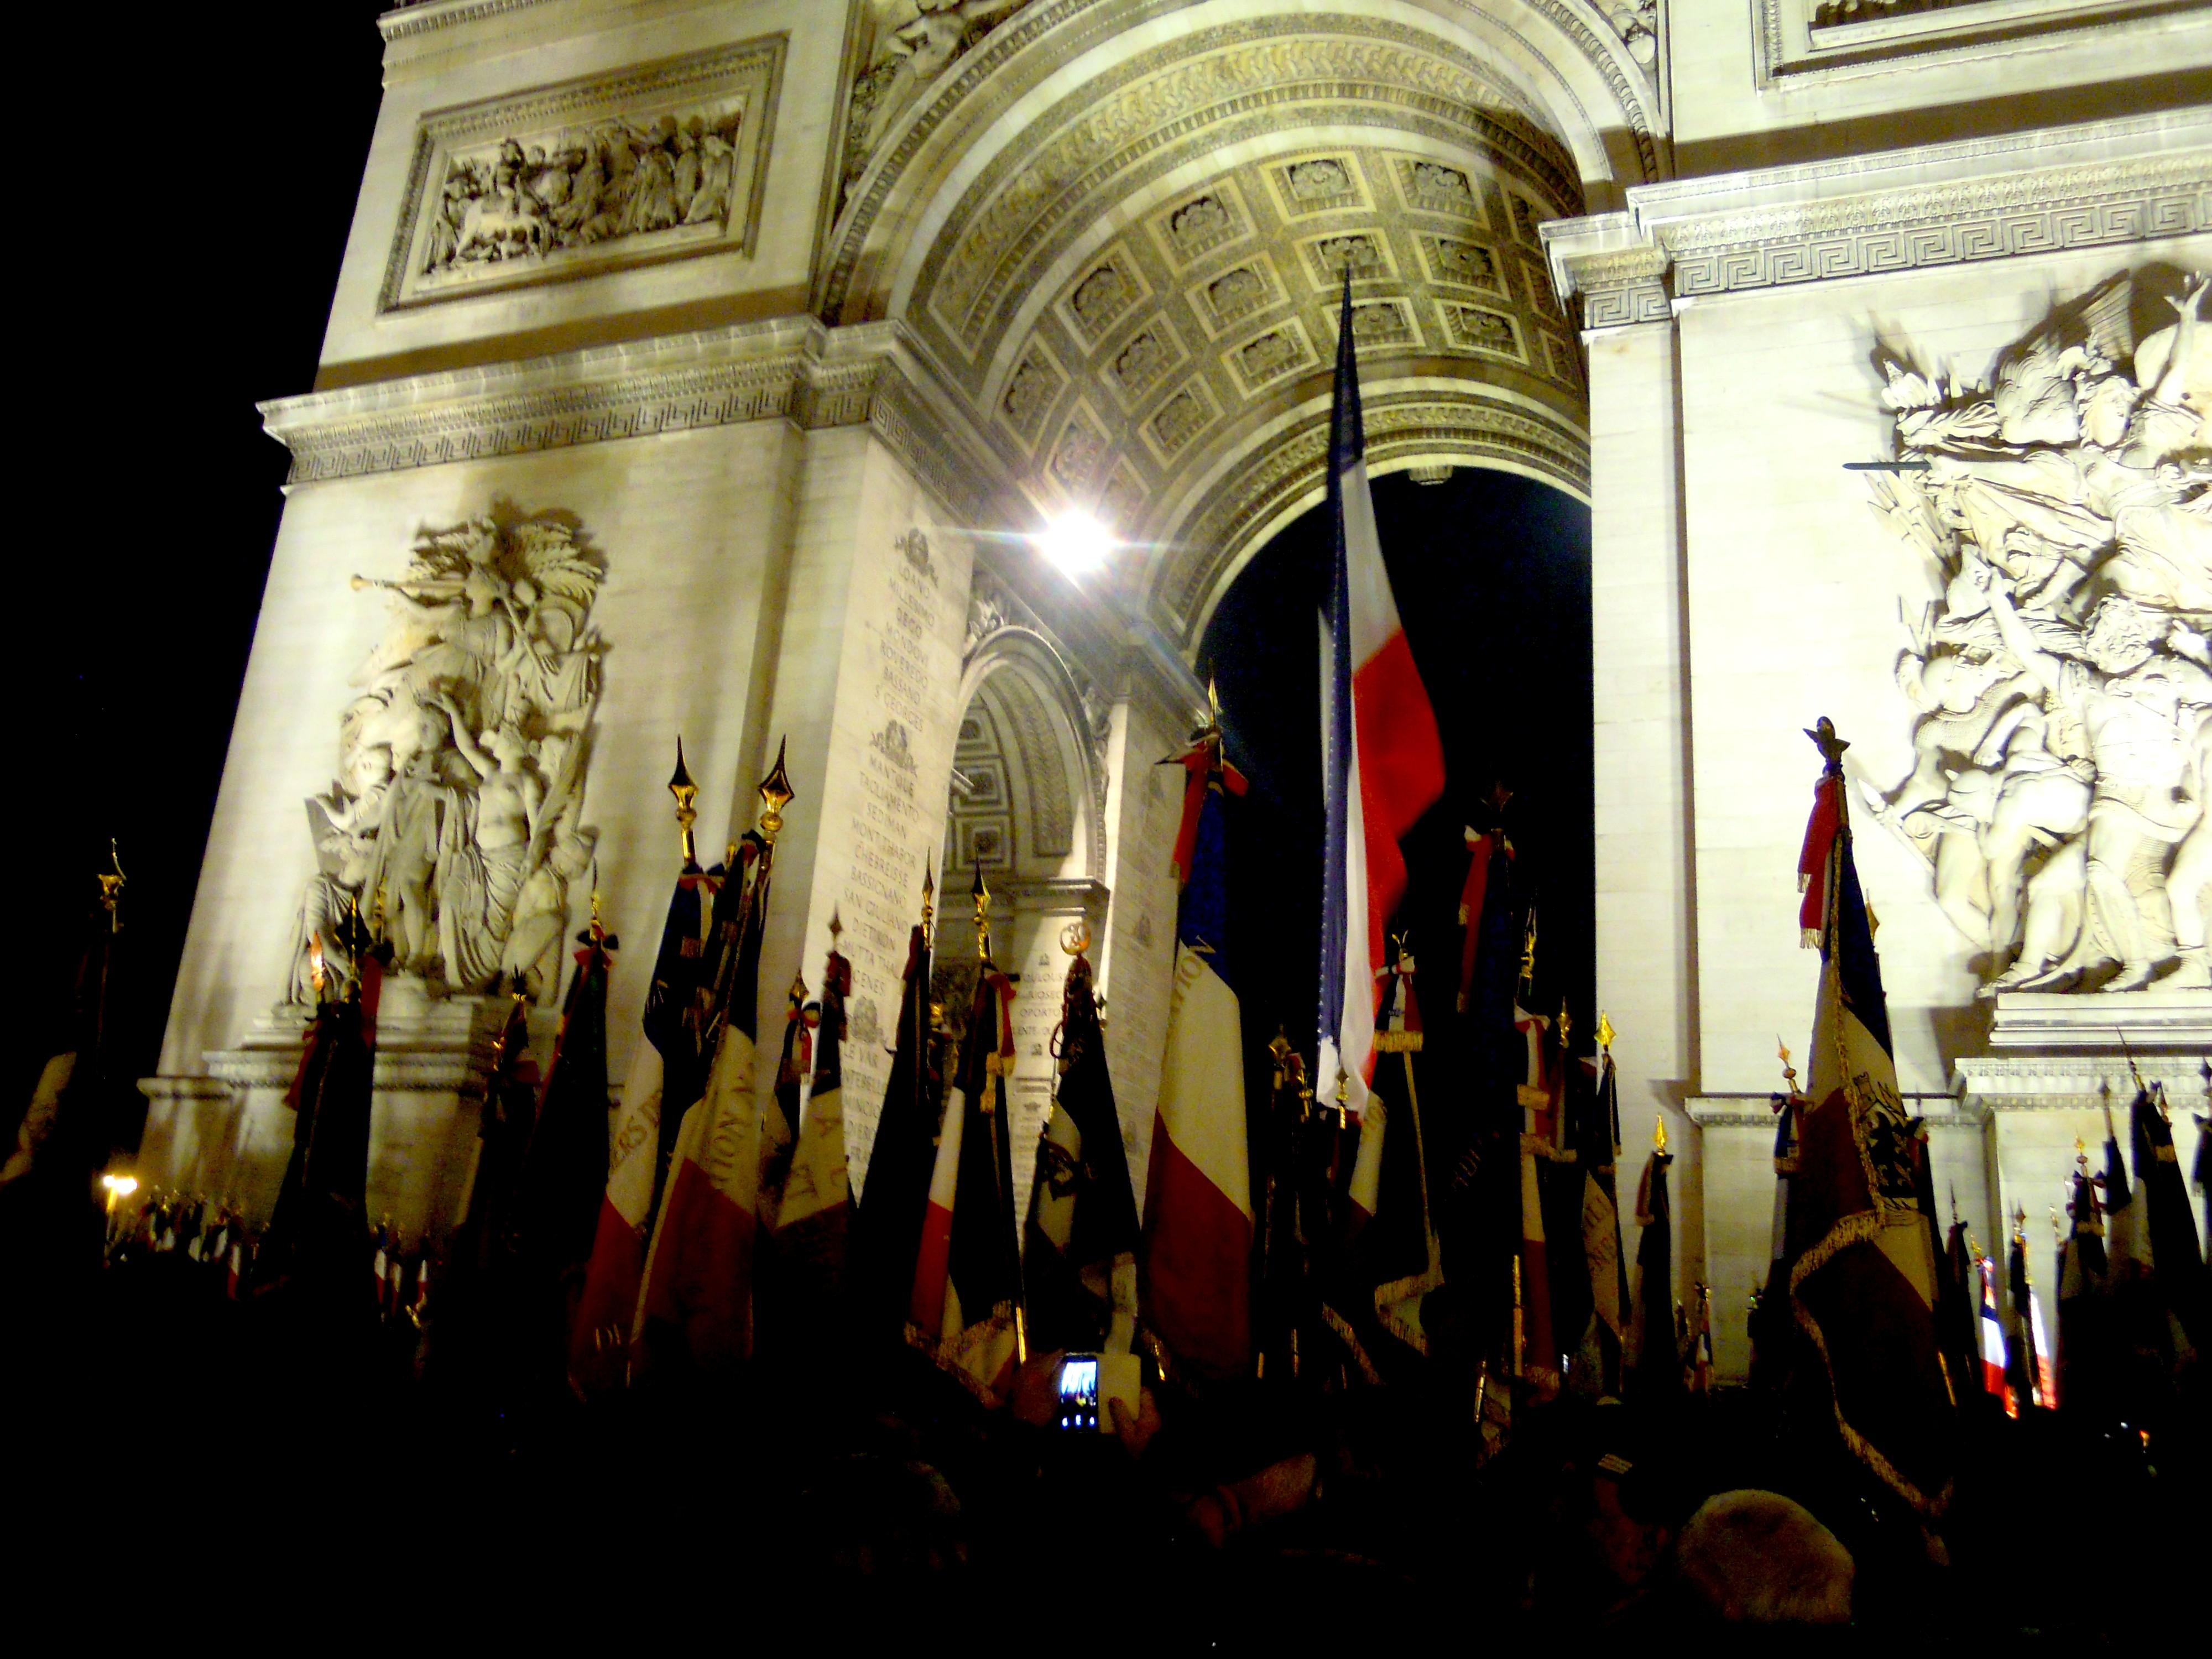 1000 drapeaux pour 100000 morts photo transmise par photographe amateur 3